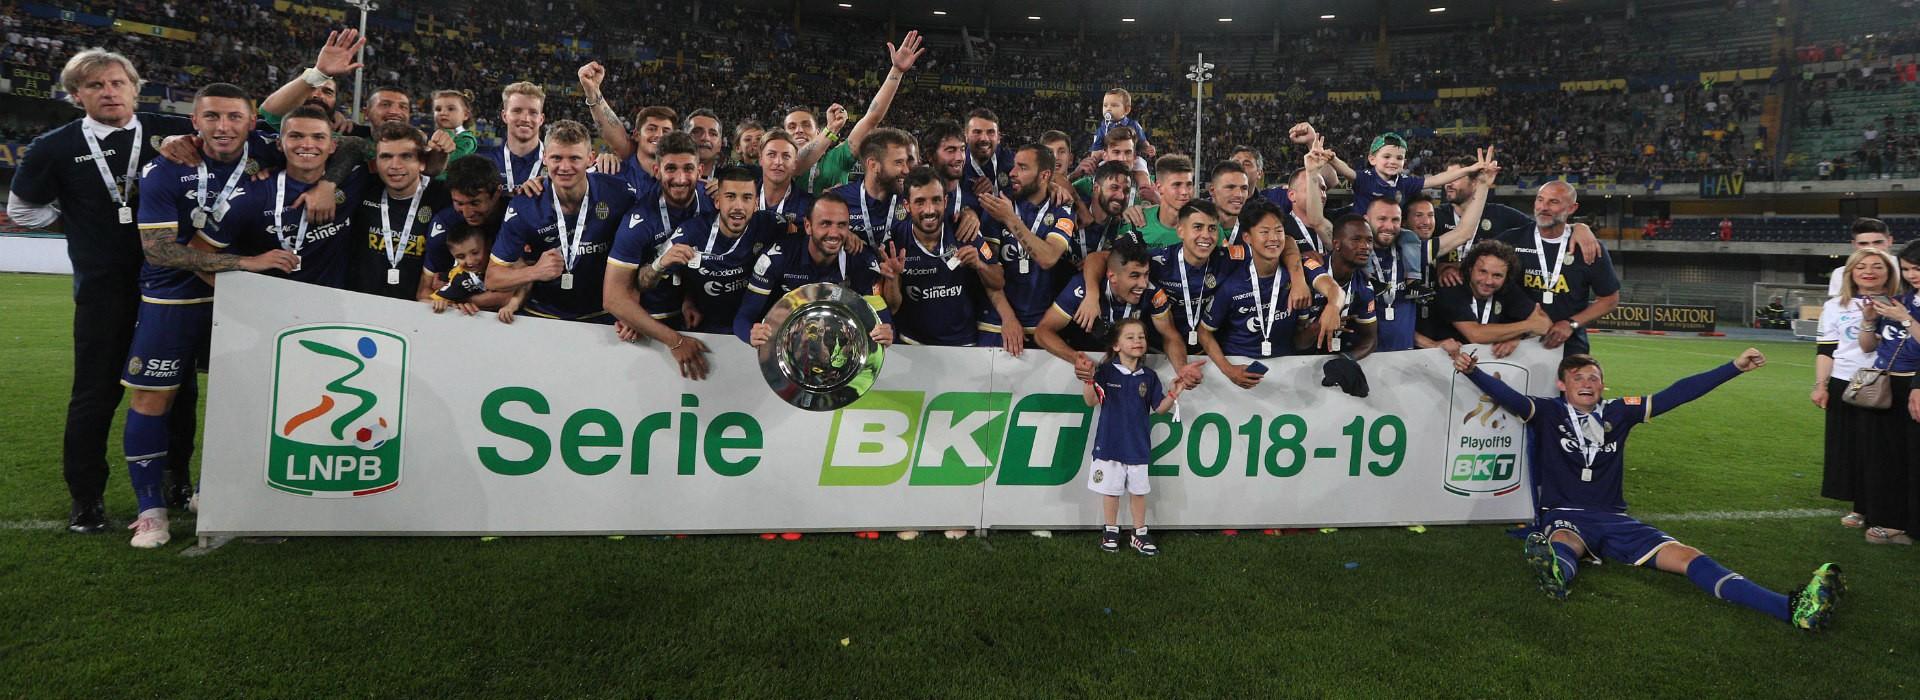 拿到升级附加赛冠军,维罗纳回到意甲联赛 — 奇塔代拉